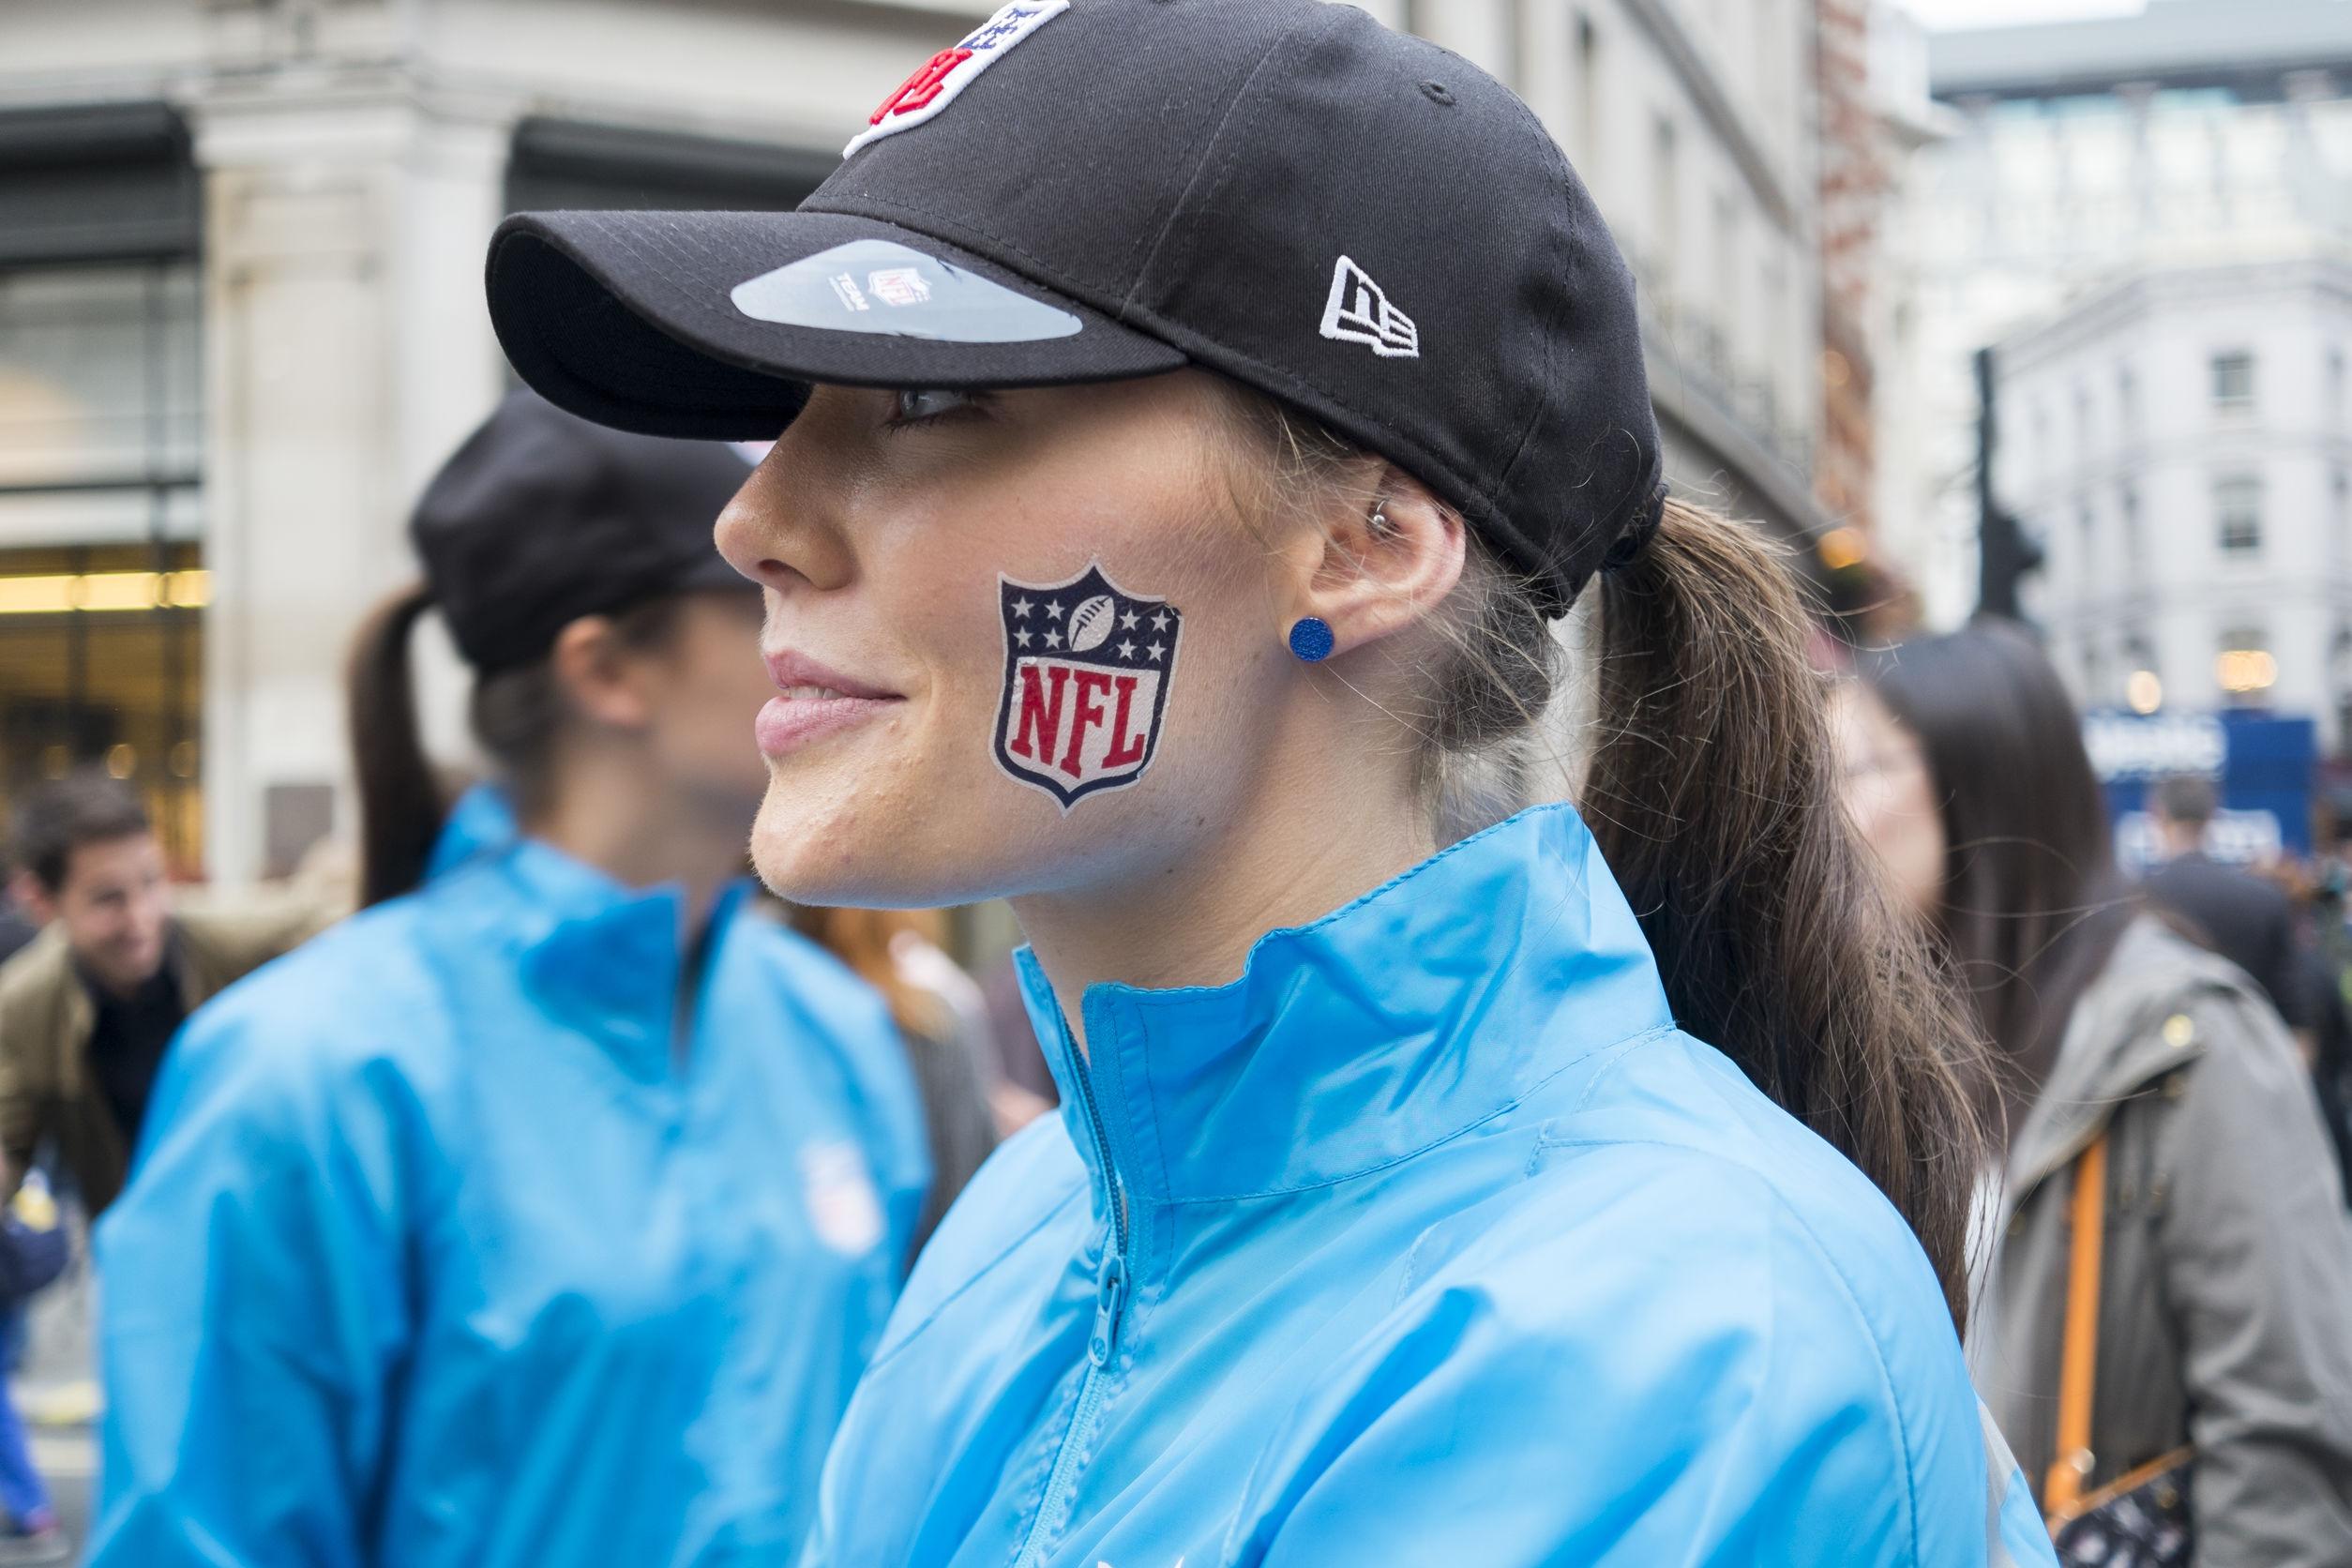 Imagem mostra uma mulher usando um boné NFL e com uma pintura do logotipo da NFL no rosto.